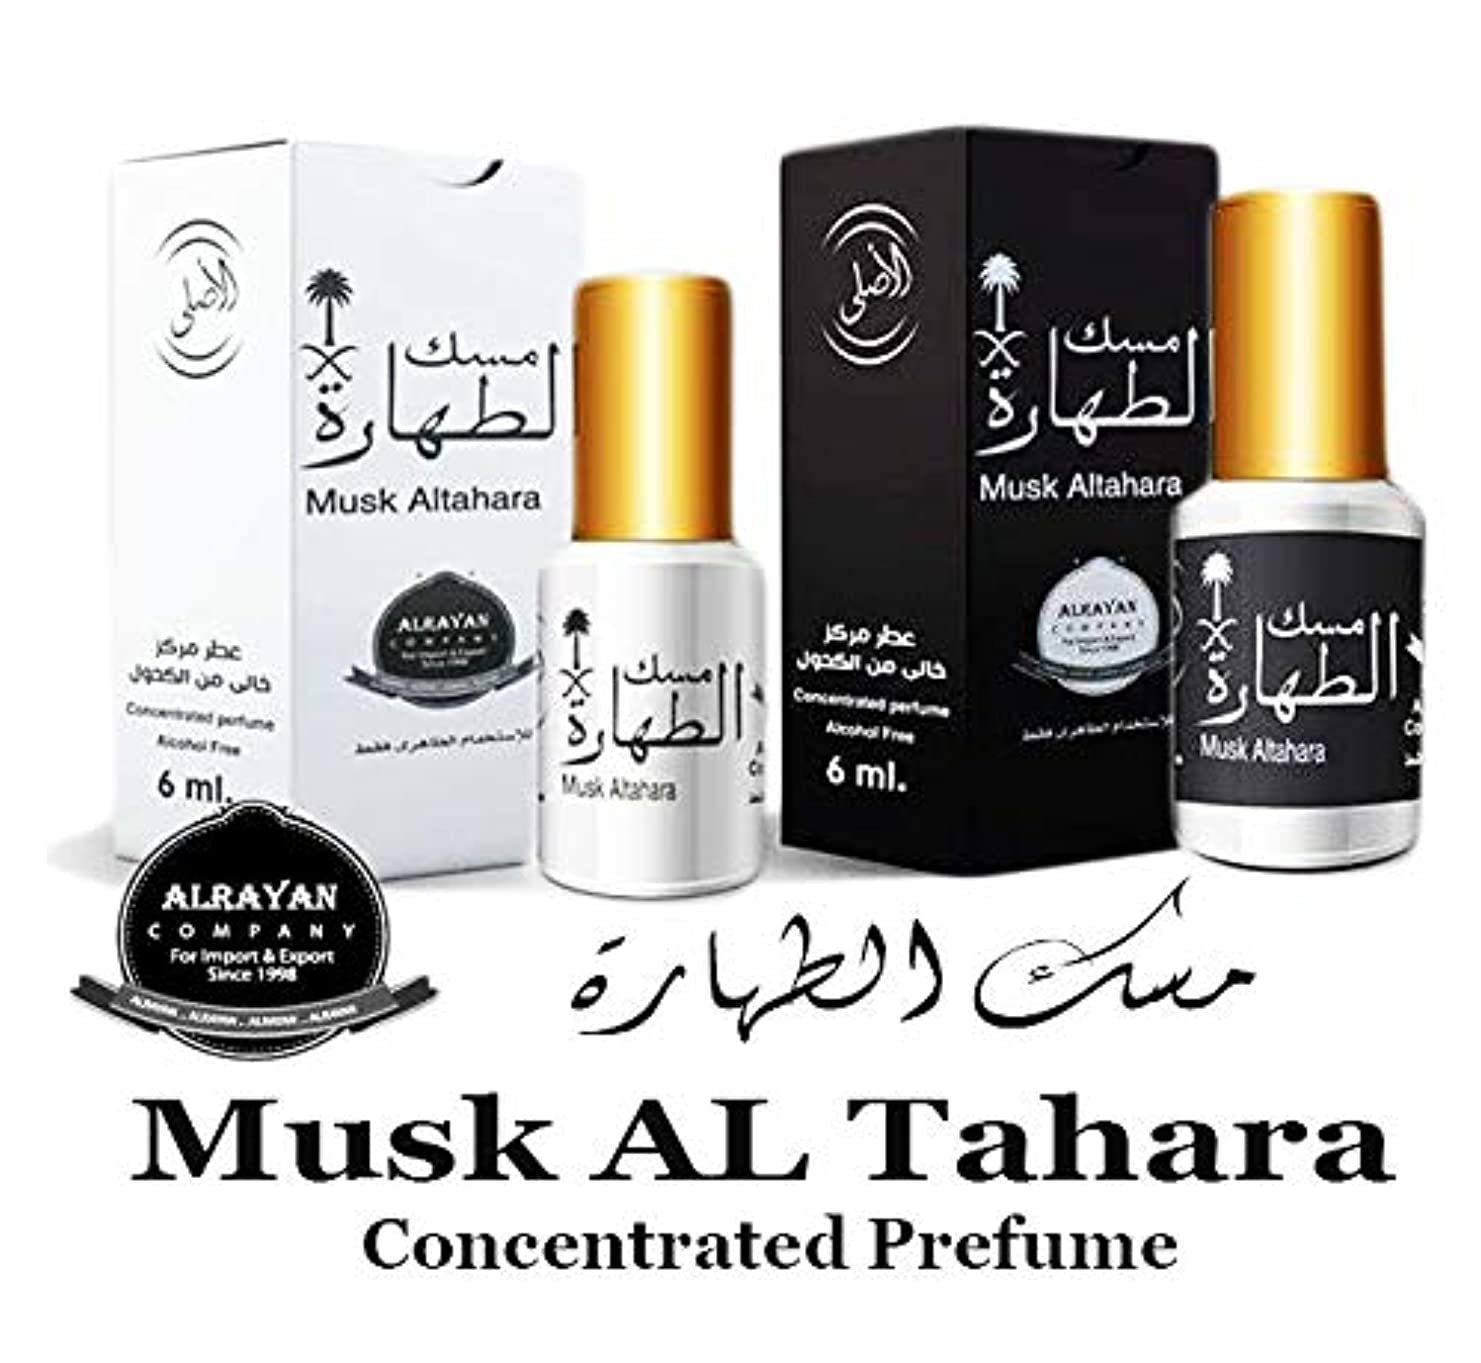 横に計り知れないビュッフェMusk Al tahara Pure Saudi Altahara Perfume White & Black 12 ml Oil Incense Scented Unisex Body Fragrance Alcohol...